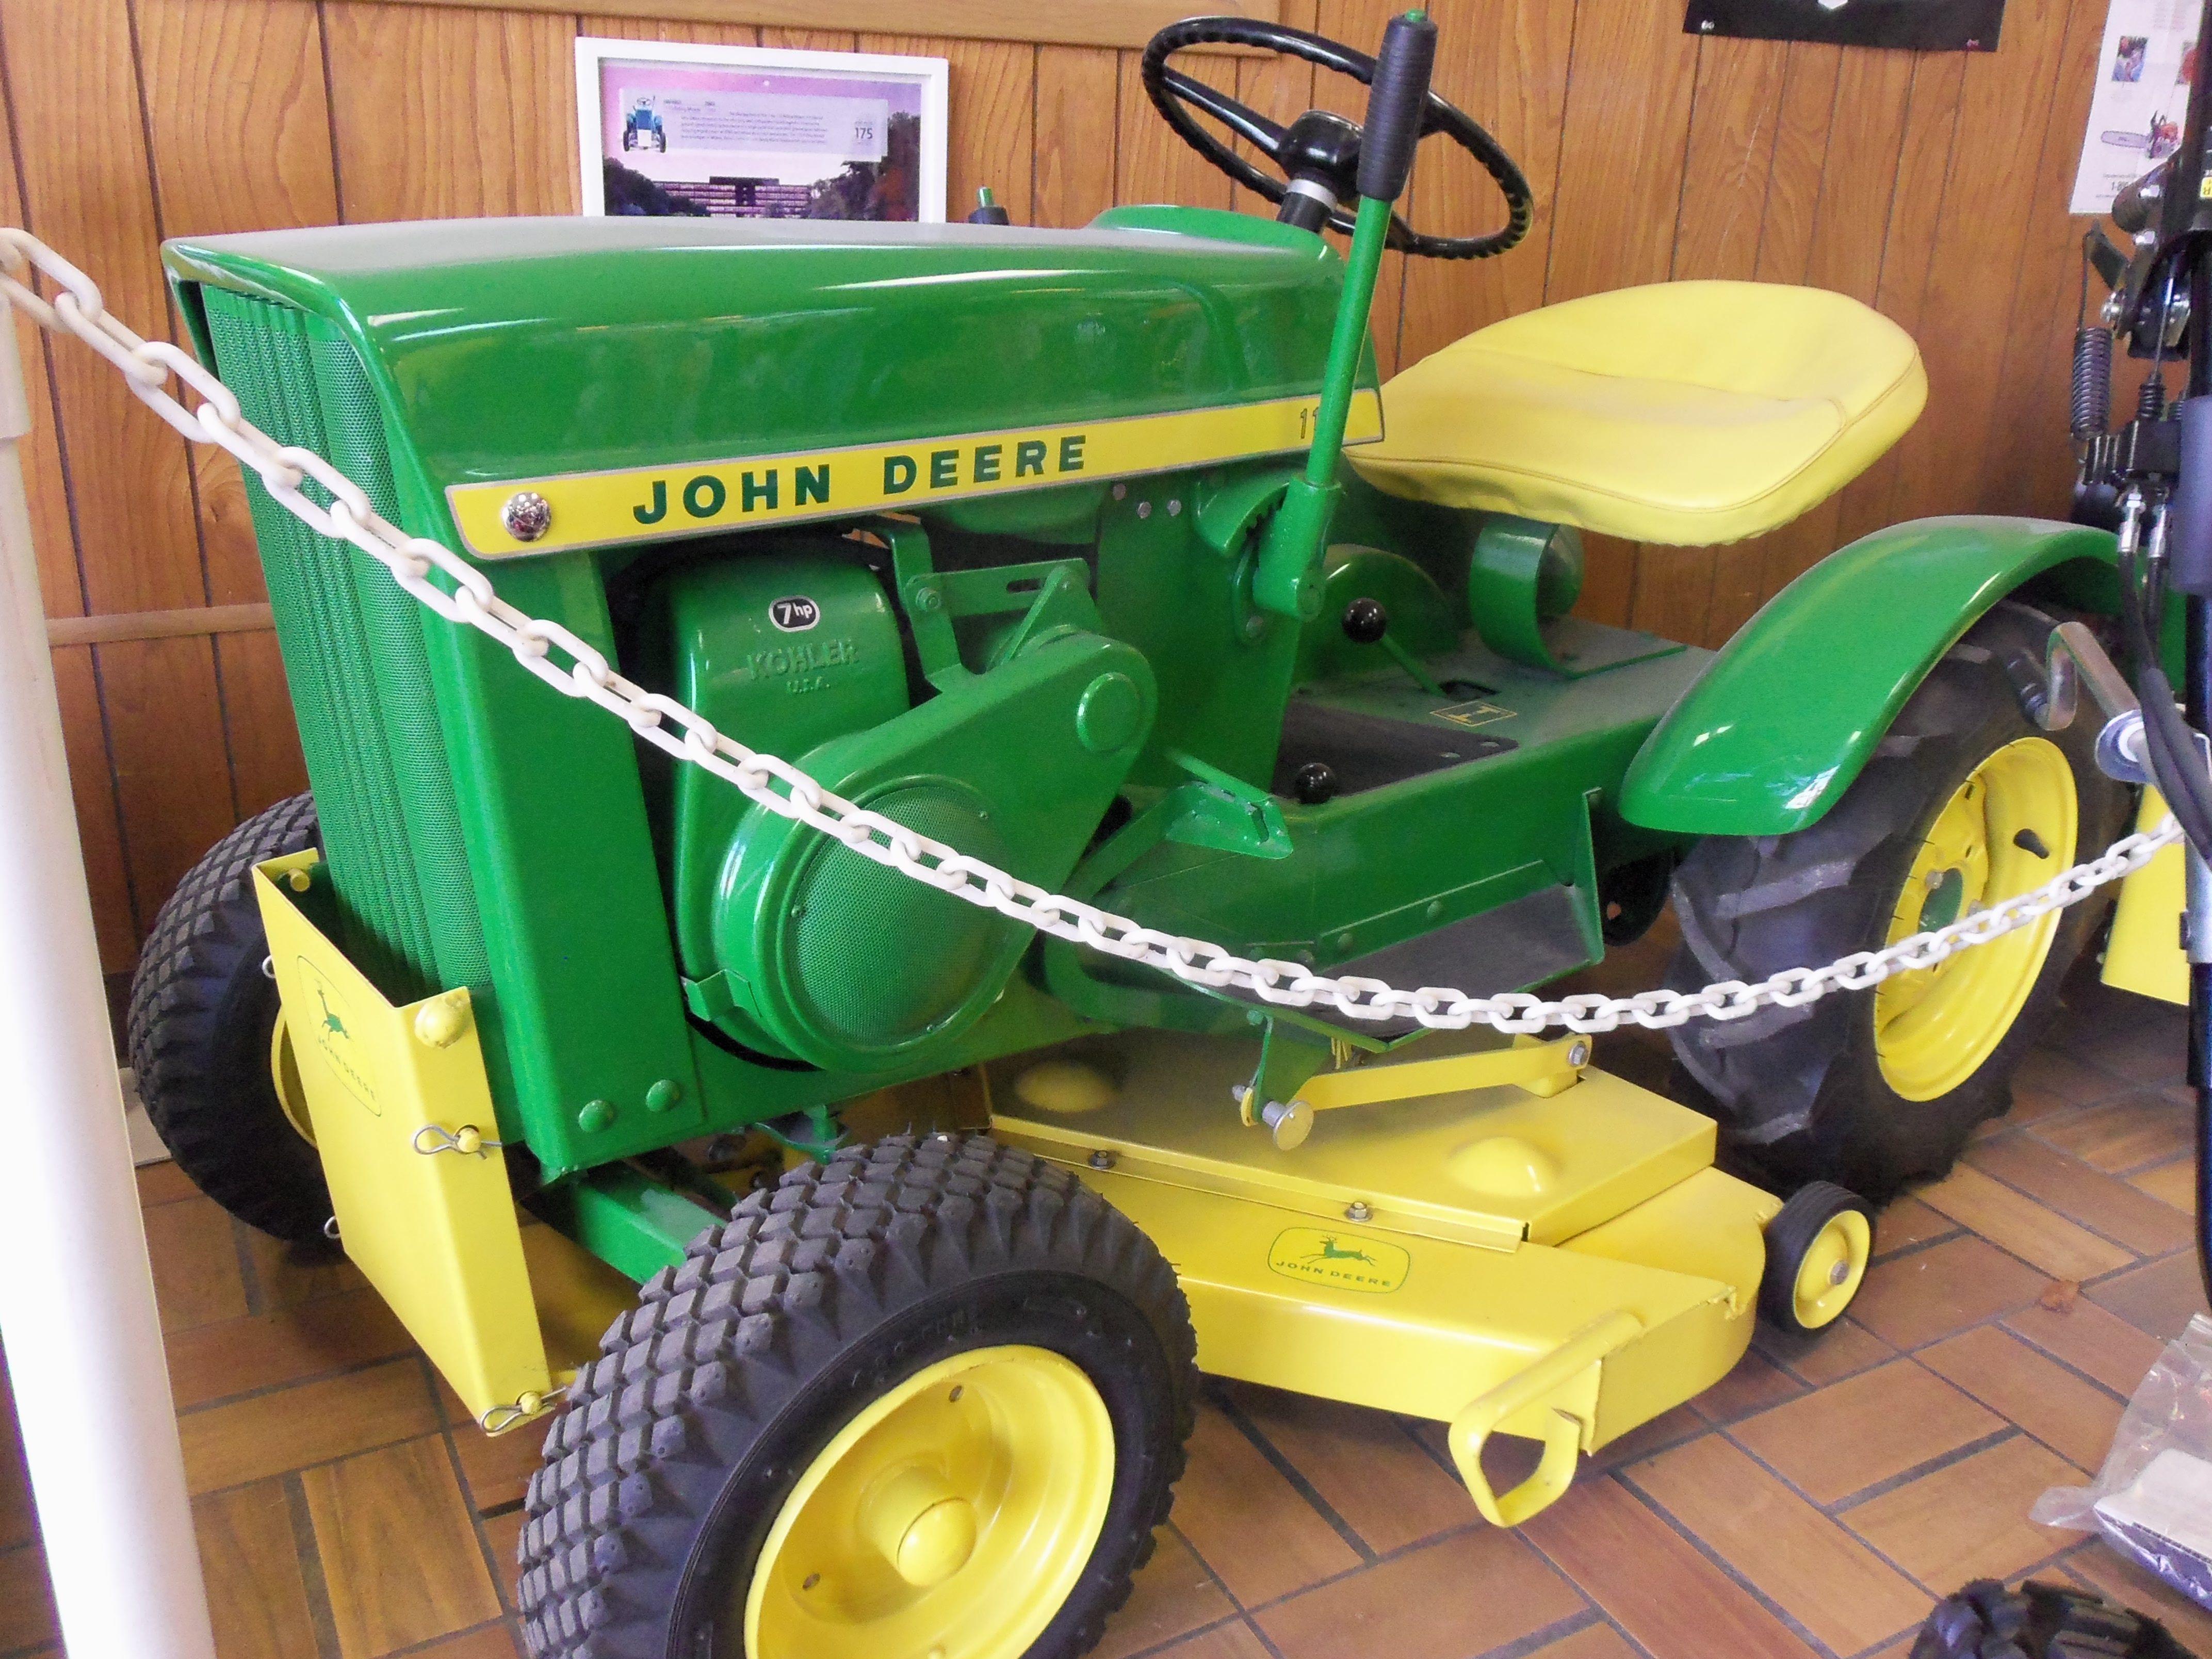 John Deere 110 Garden Tractor Attachments : John deere garden tractor parts fasci